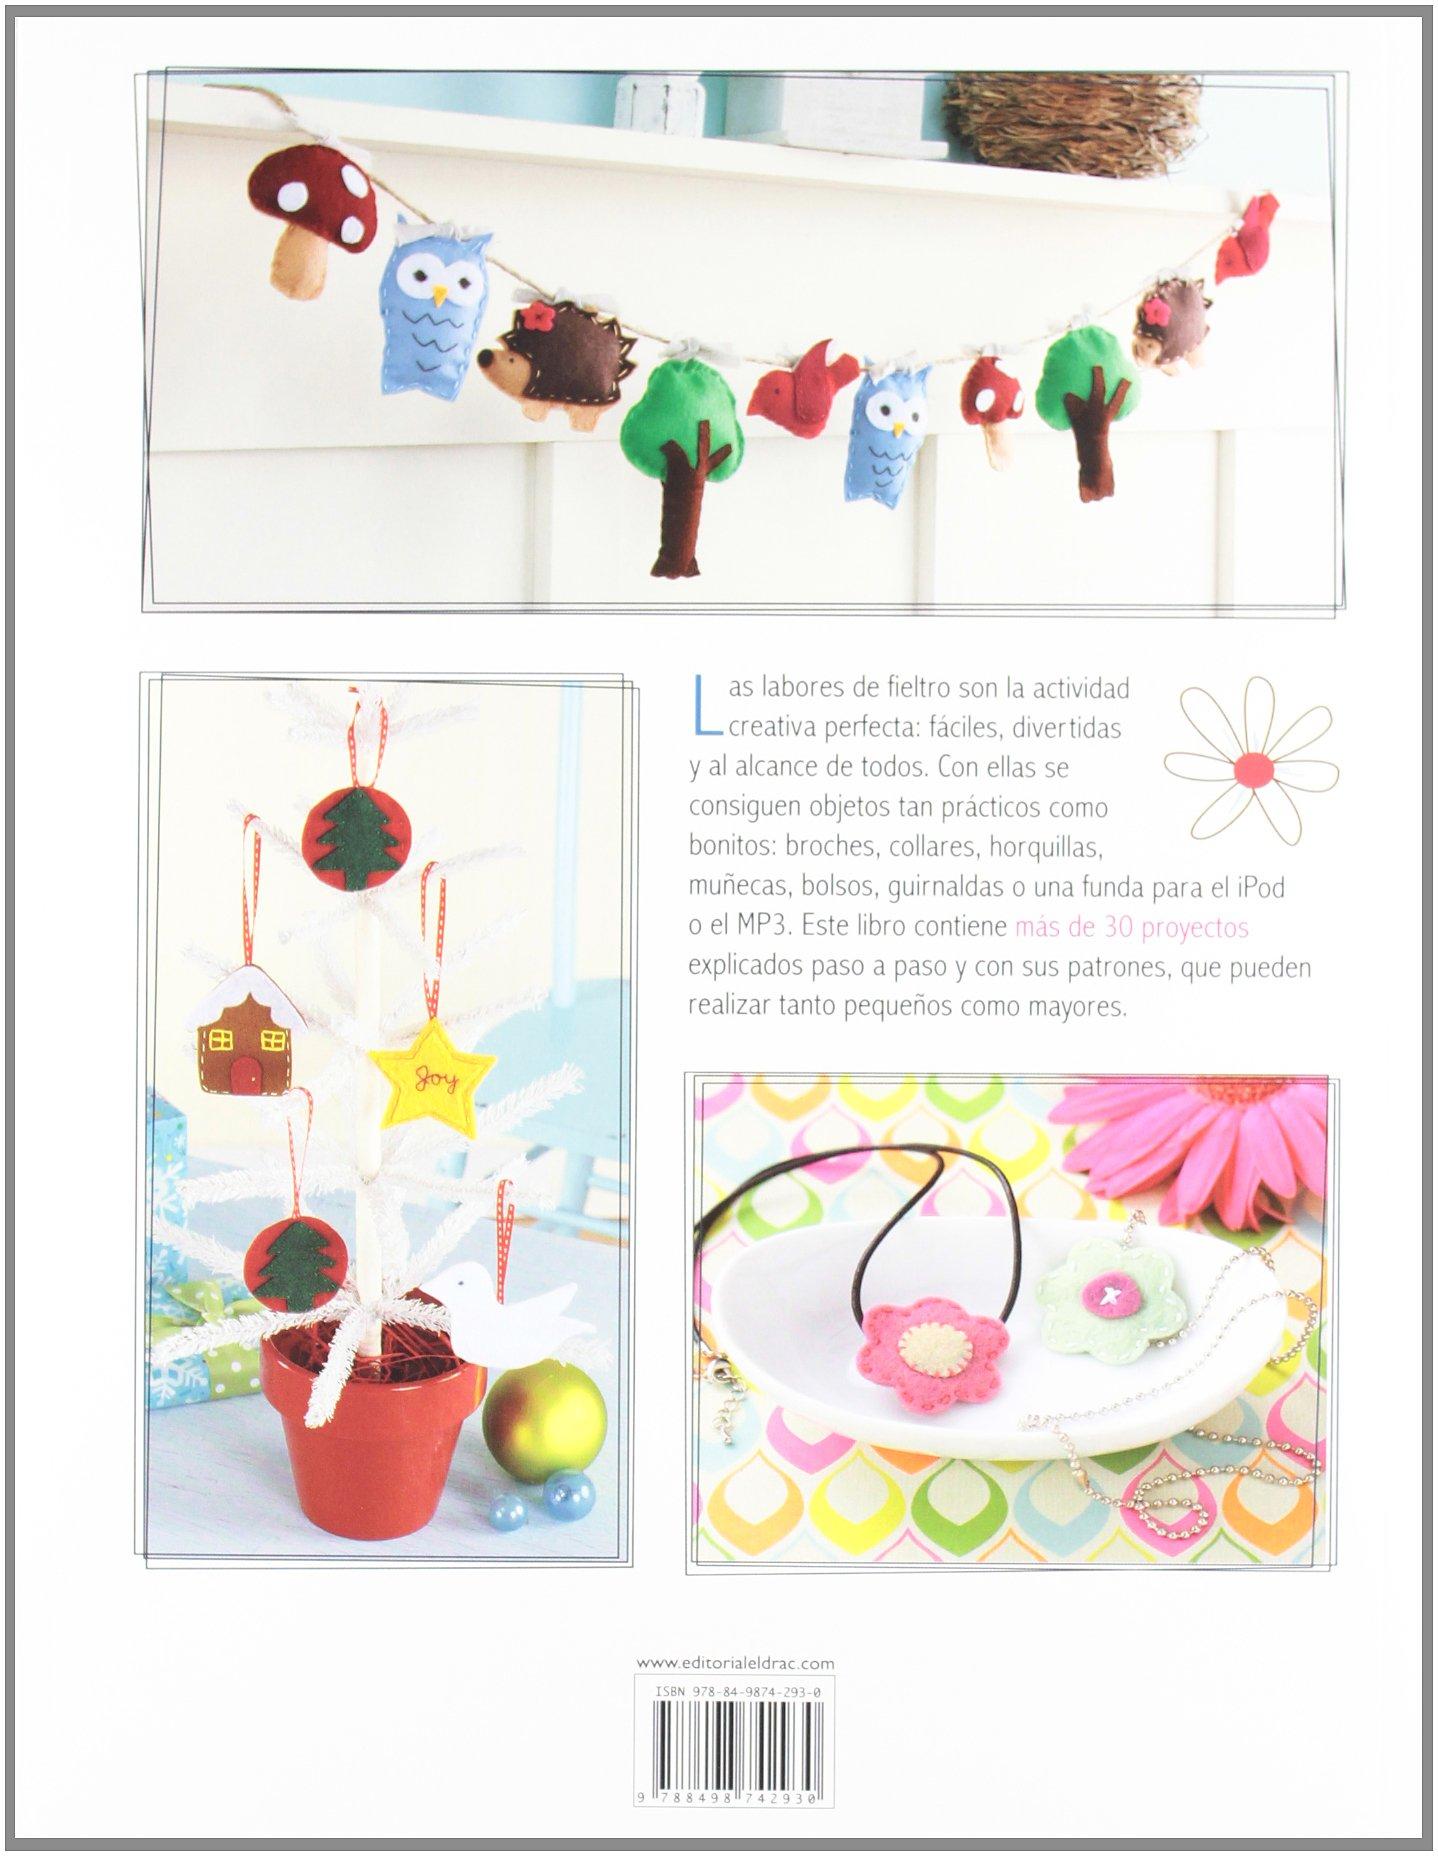 Muñecos y accesorios con fieltro: Más de 30 proyectos con sus patrones Artesania Y Manualidades: Amazon.es: Kimberley Layton: Libros